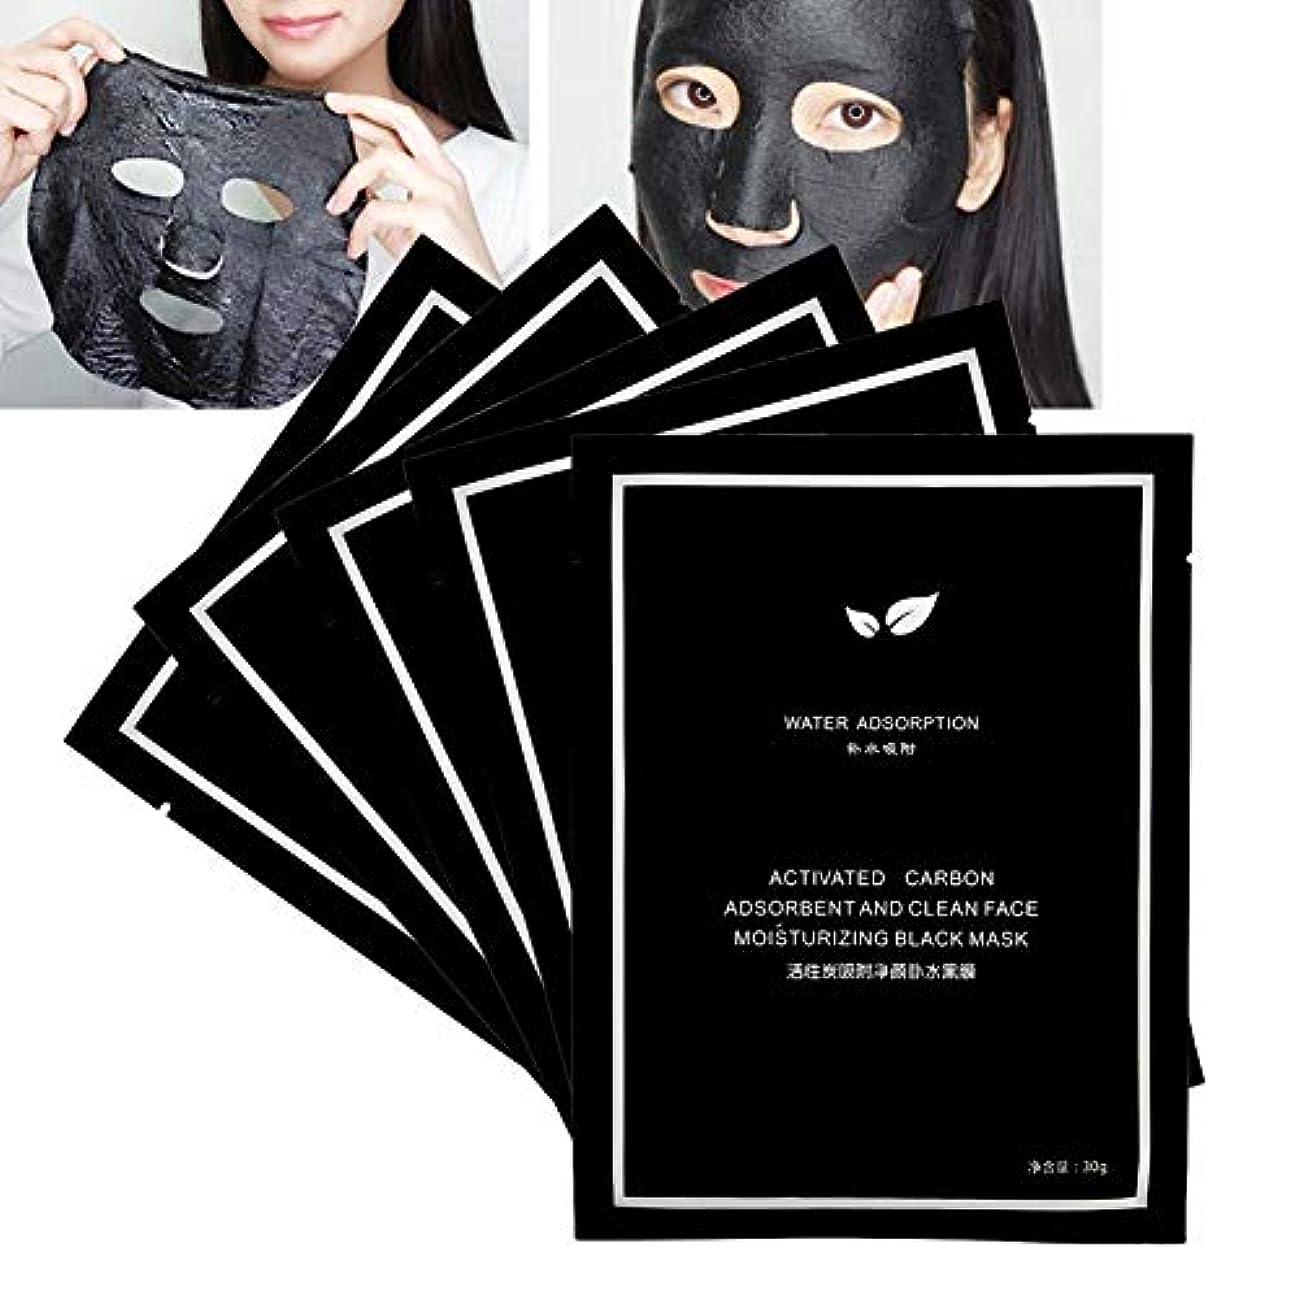 取る家事ようこそ5枚セット 活性炭マスク 保湿 フェイスブラックマスク オイルコントロールブラックヘッドの除去汚れ除去スキンケア